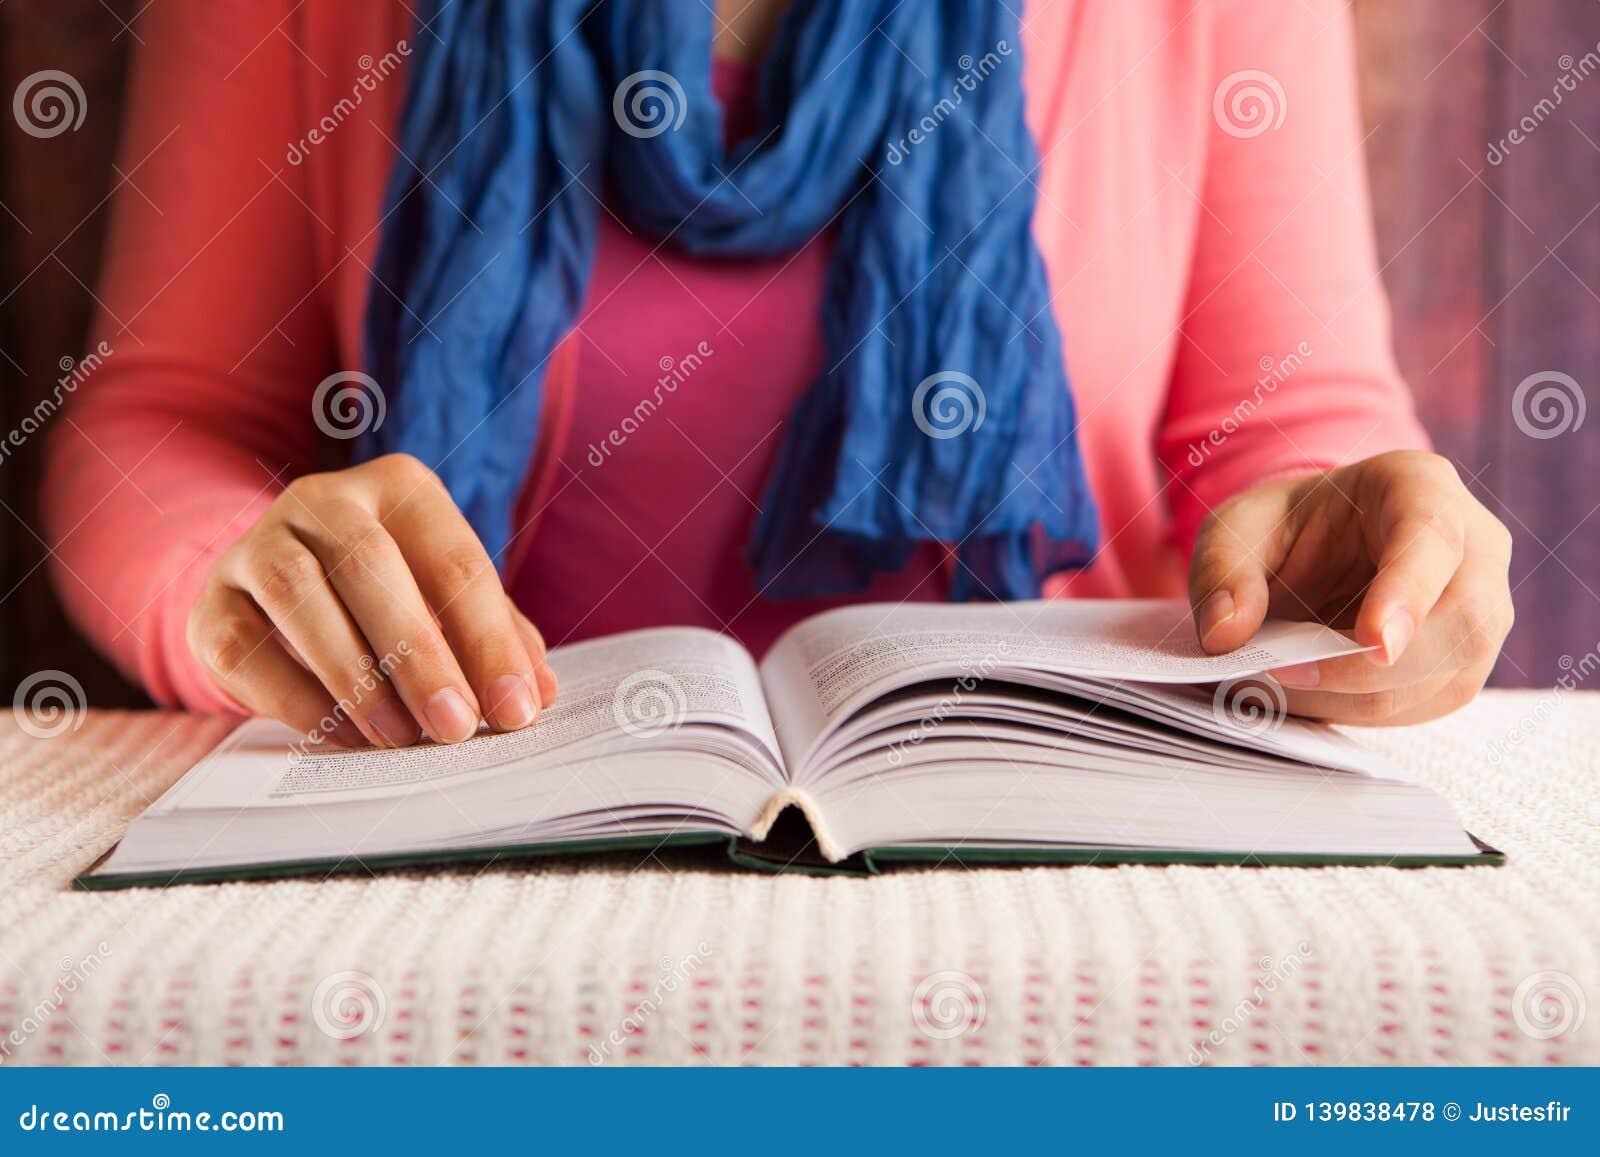 El estudiante de mujer serio leyó concepto del libro, de la religión o de la educación